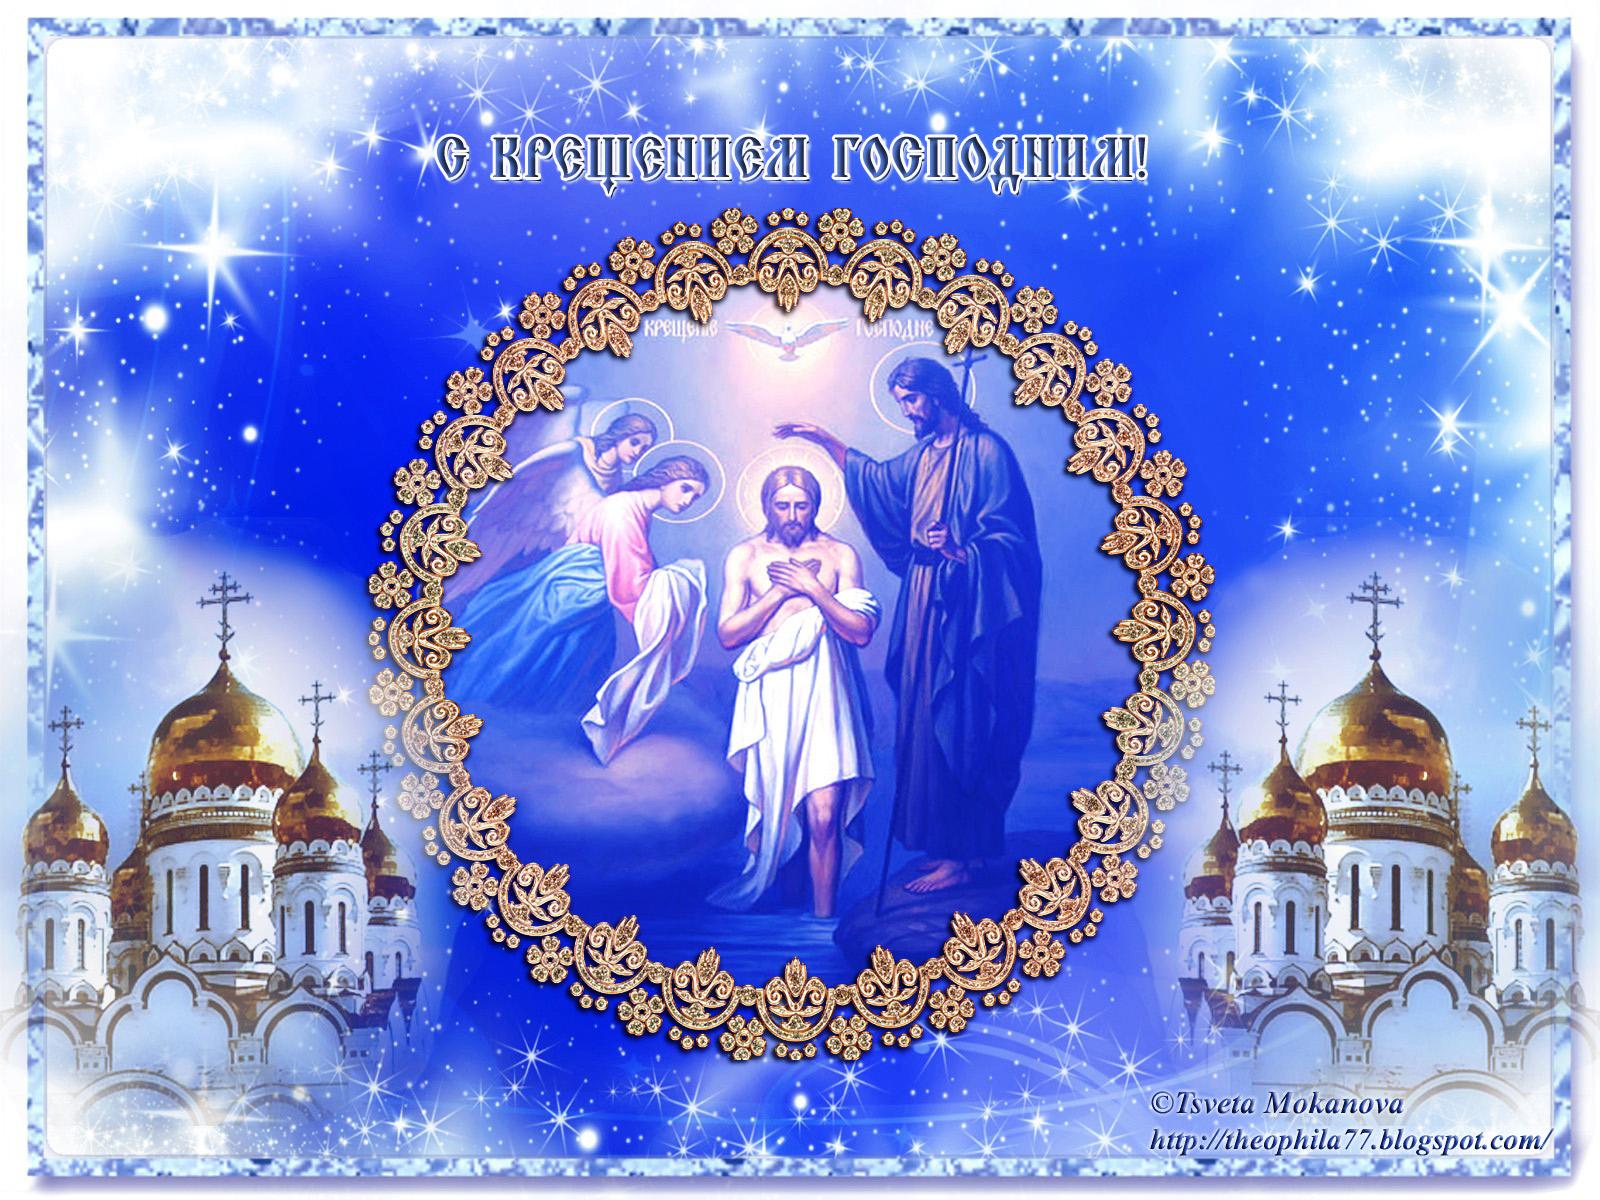 Поздравление в крещением господним в прозе